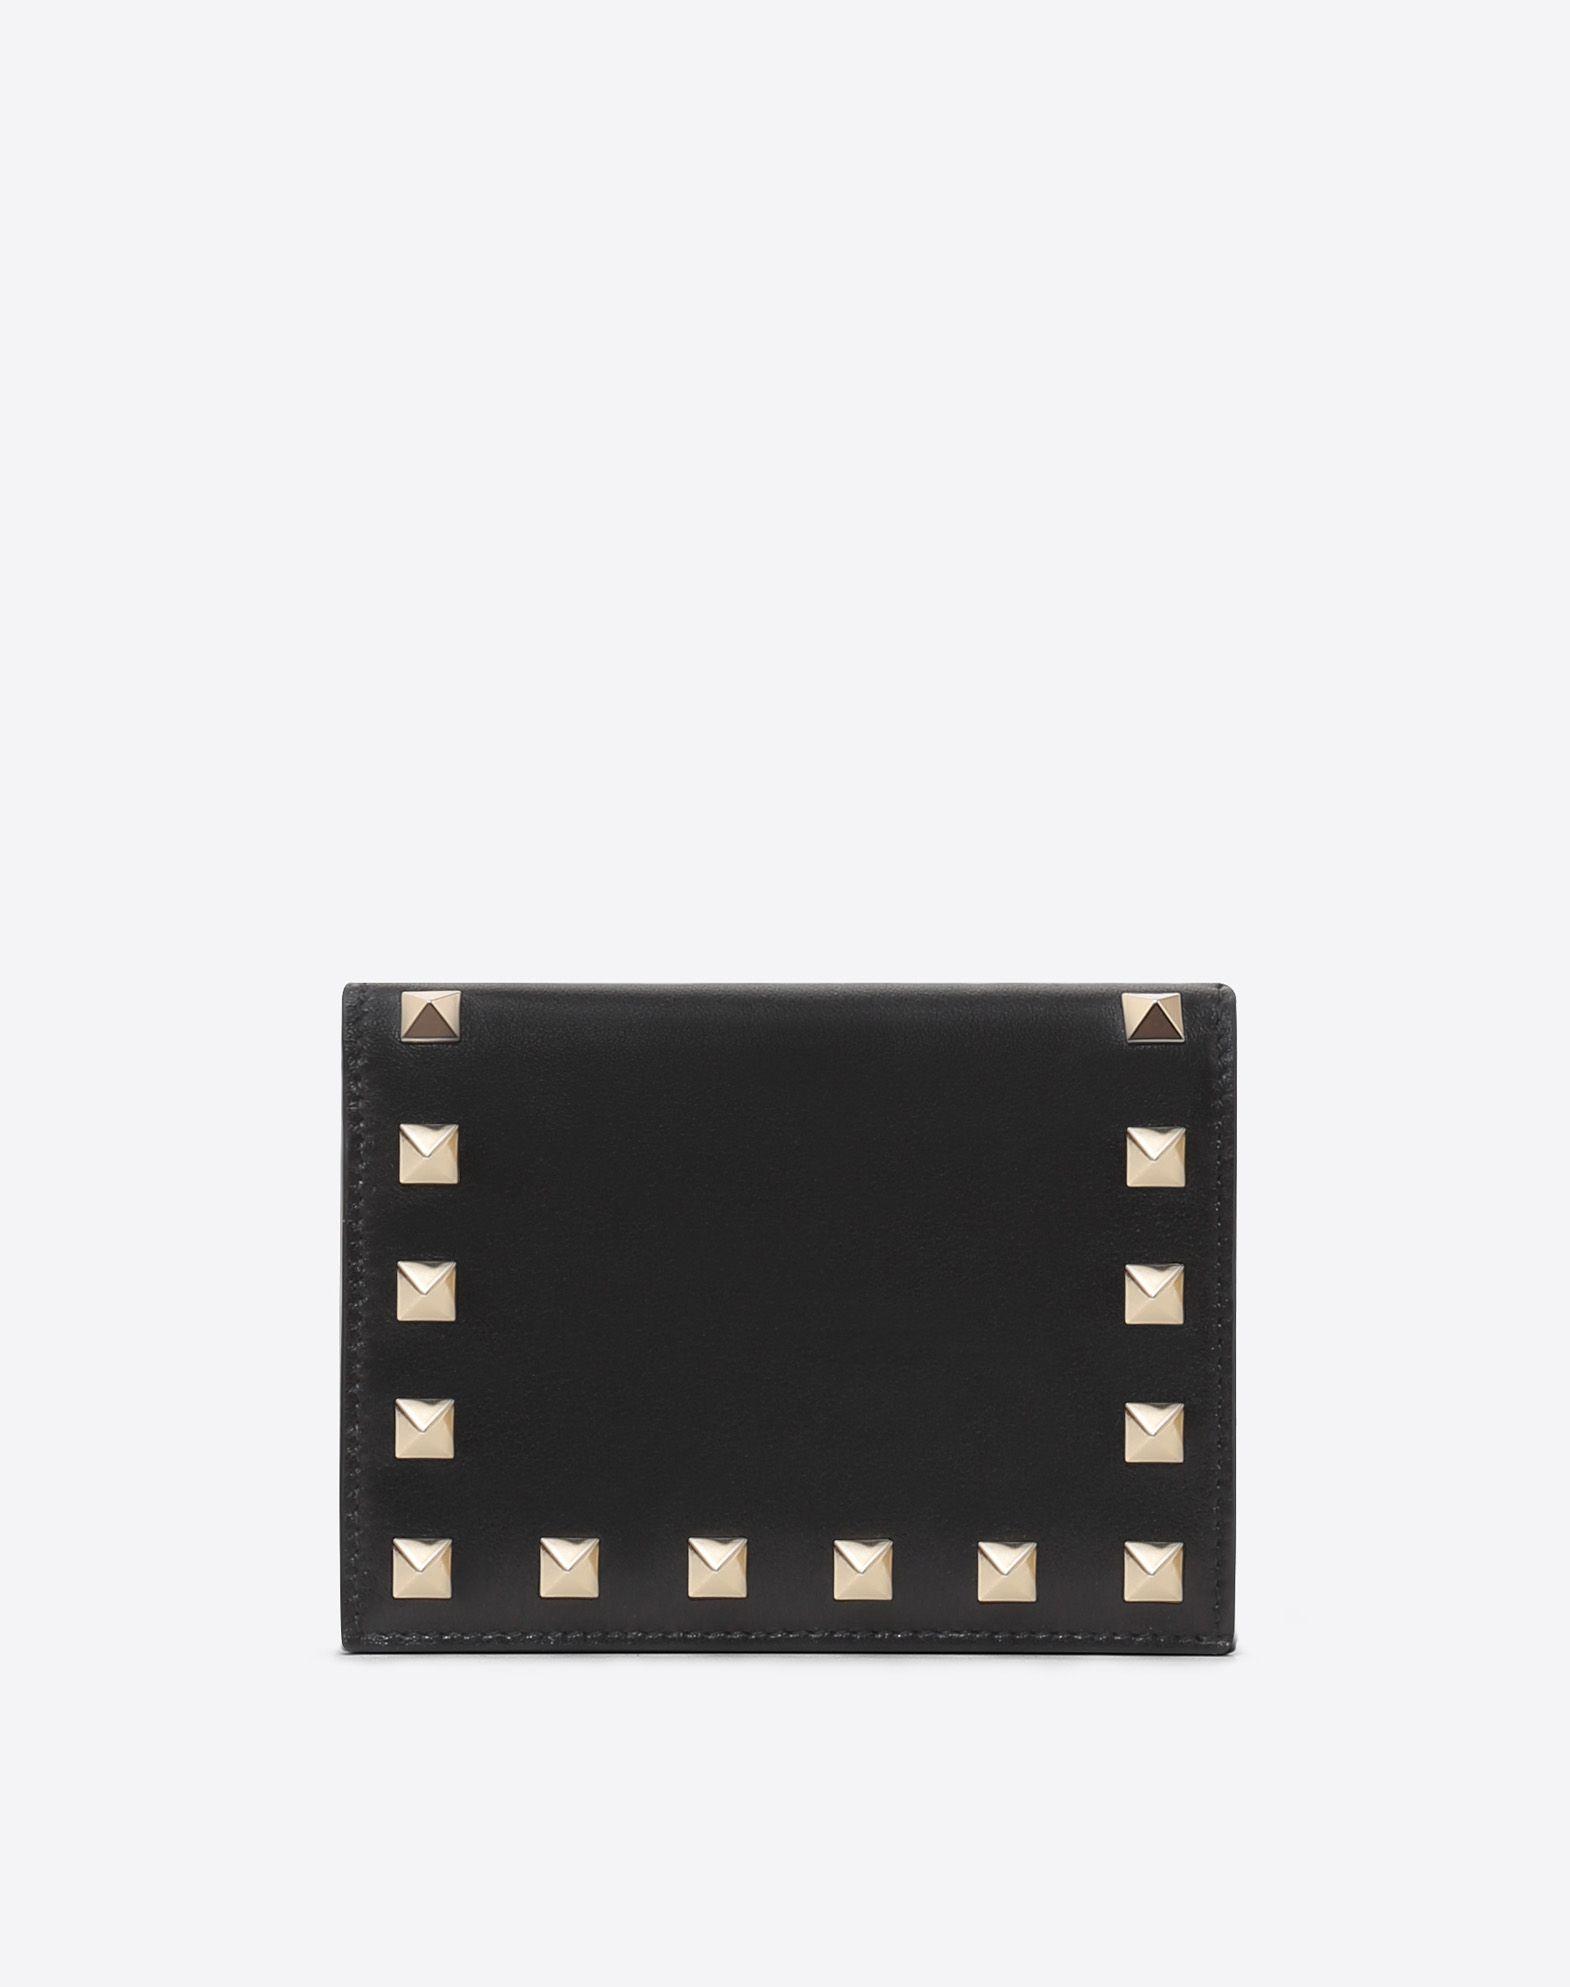 VALENTINO Polished leather Logo Solid color External side zip pocket  46579897hr